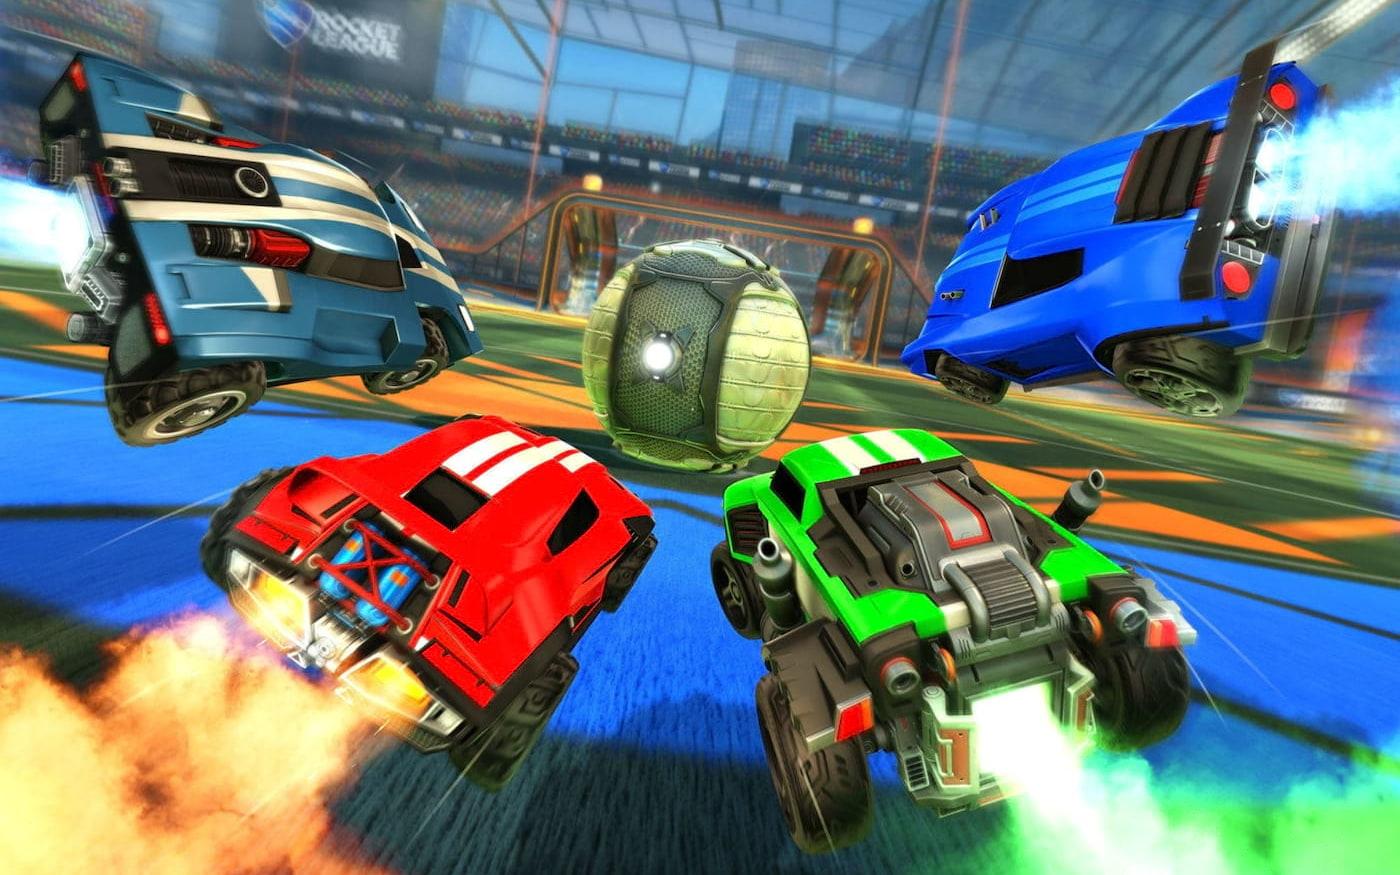 Steam tem ofertas em games como Rocket League, Road Redemption e Slime Rancher